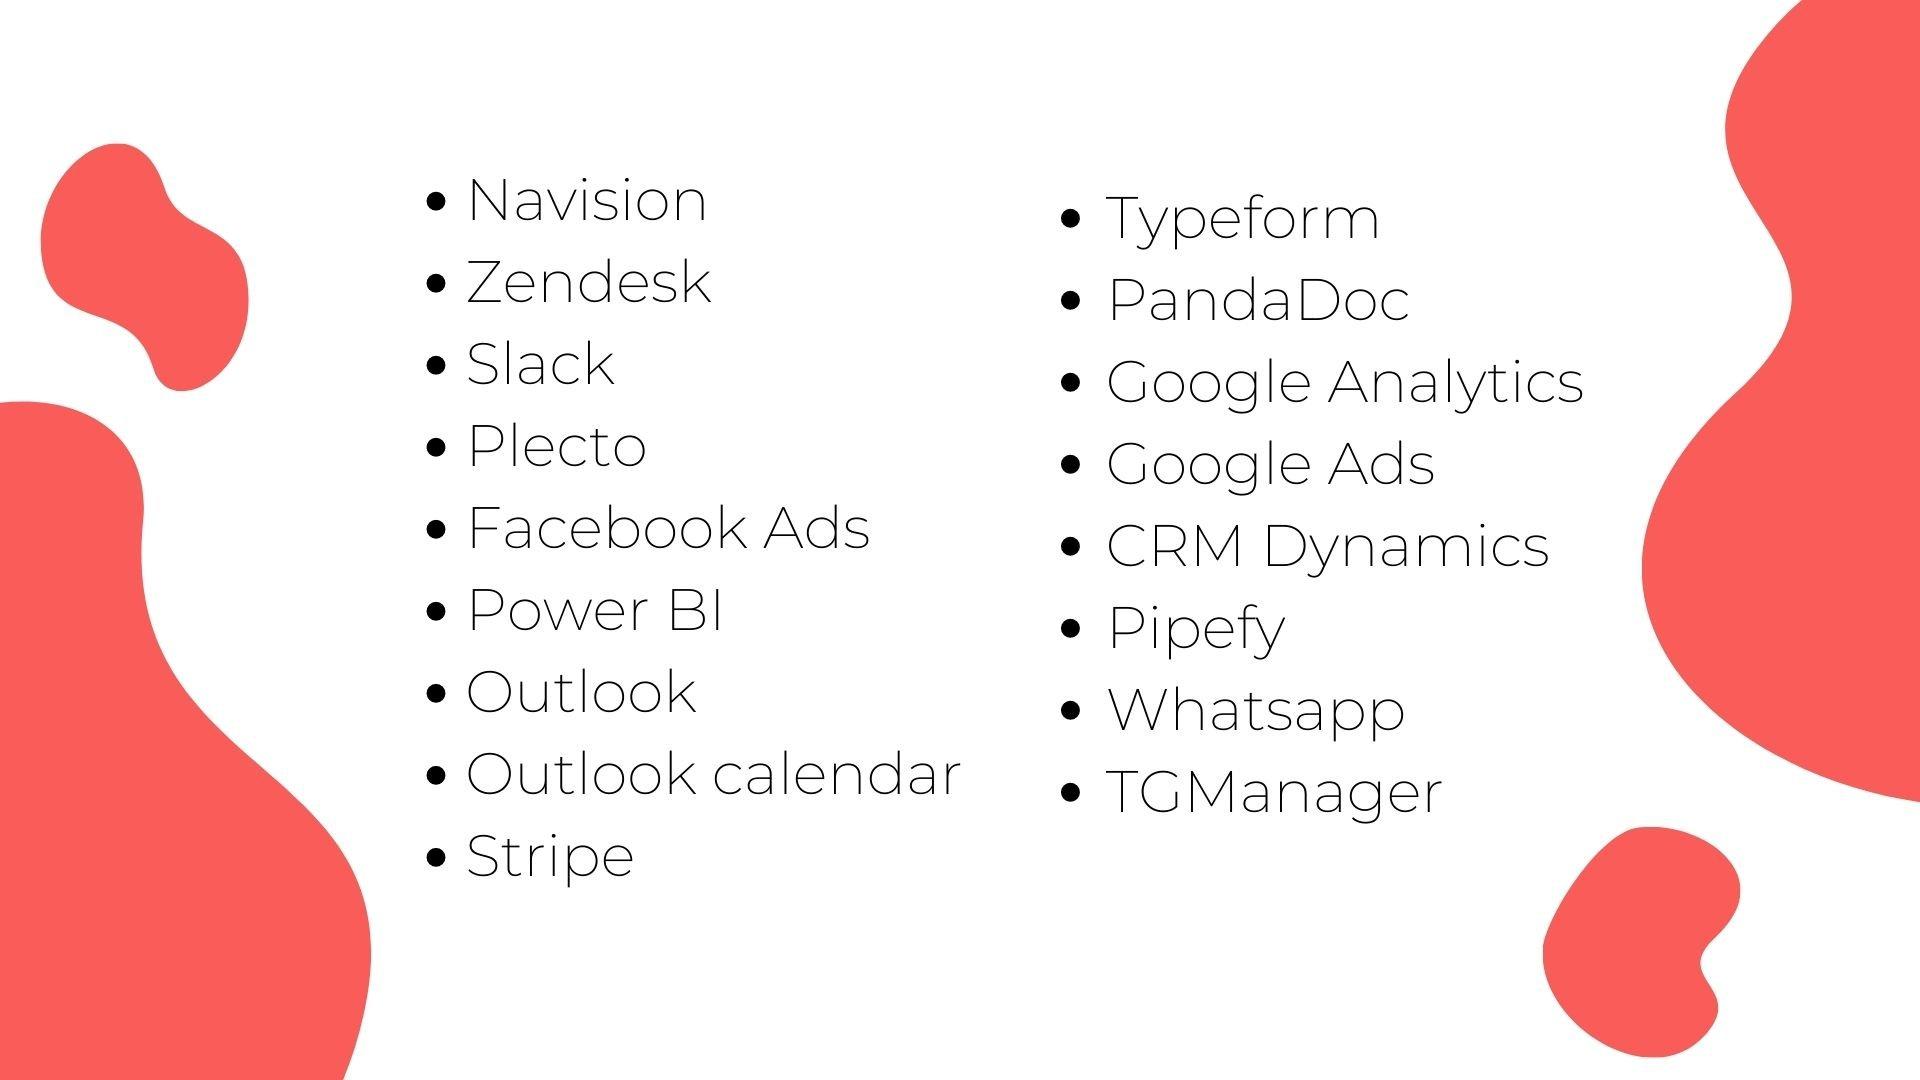 Navision Zendesk Slack Plecto Facebook Ads Power BI (1)